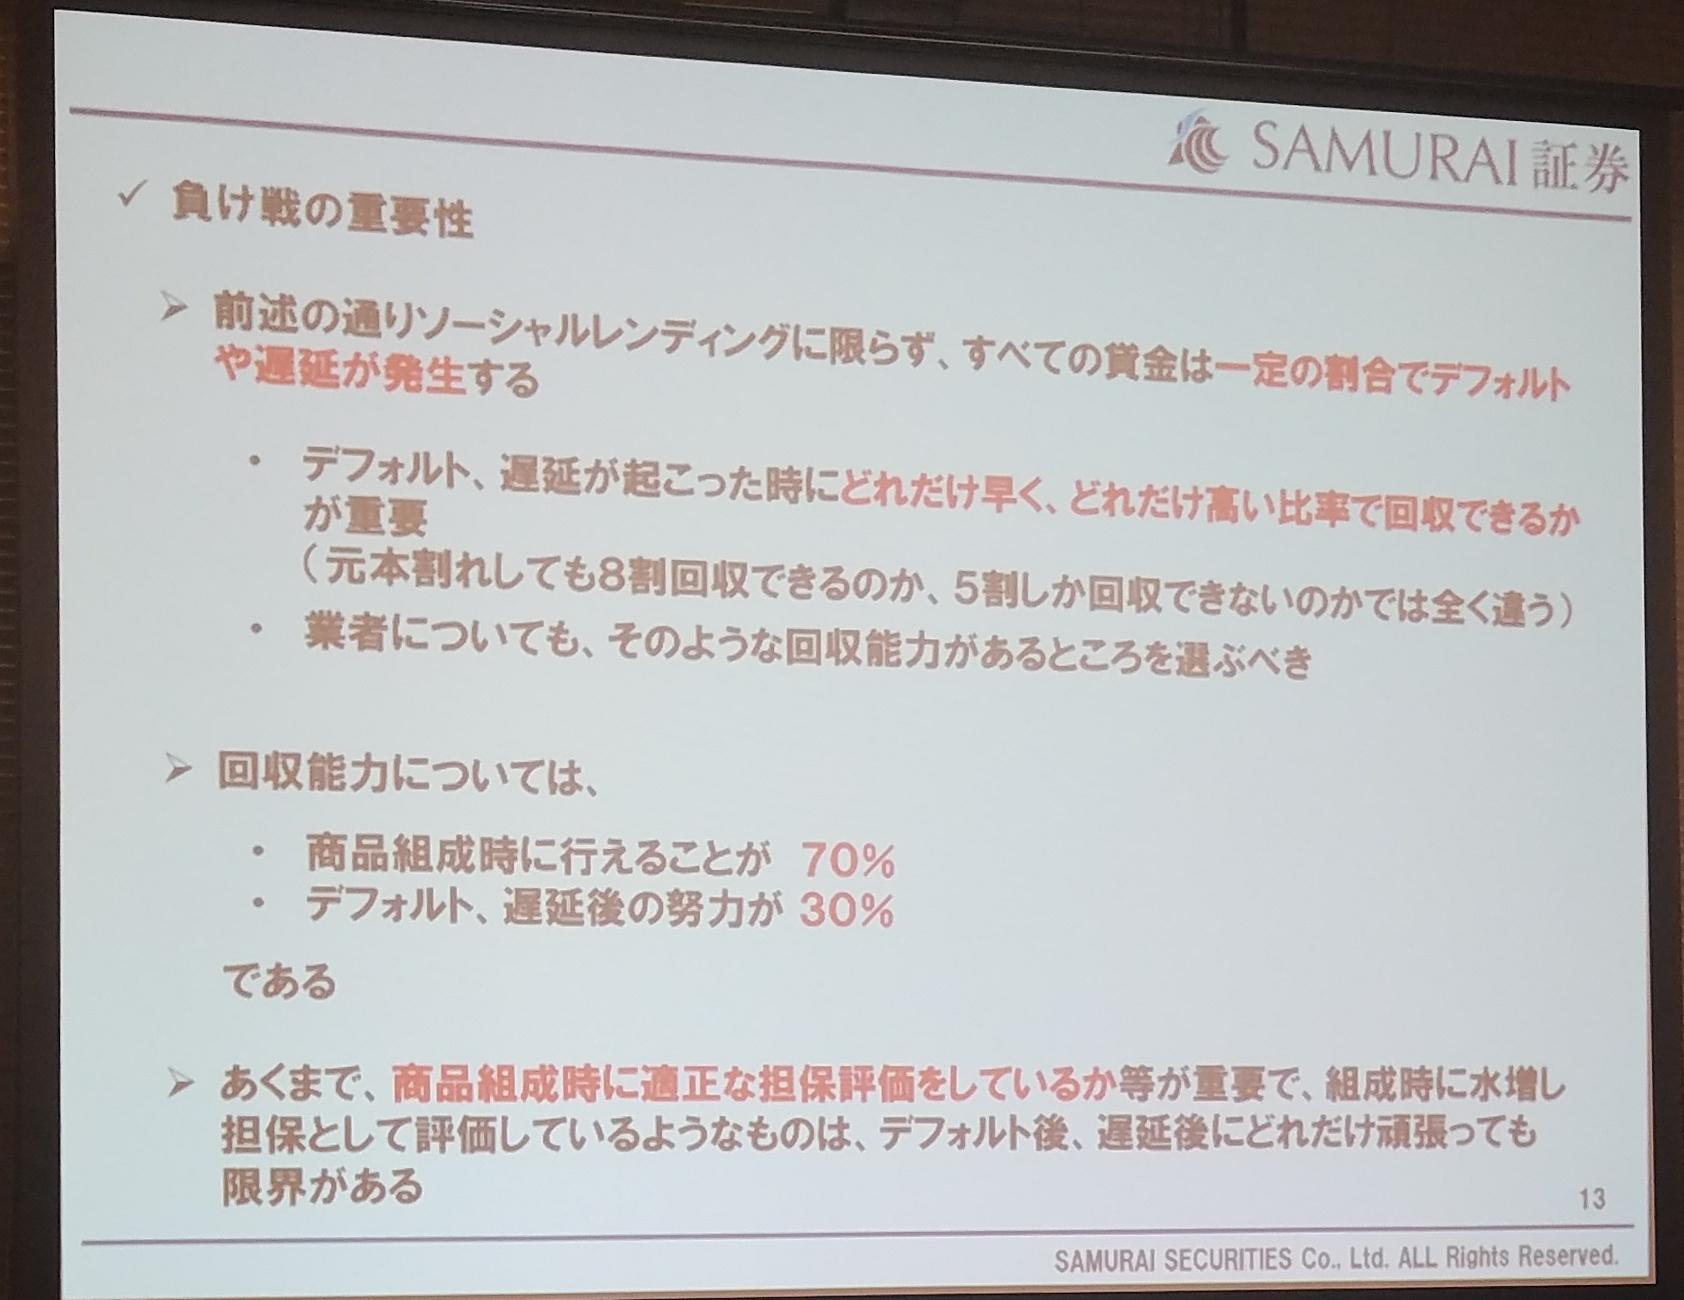 12_SAMURAIセミナー参加報告